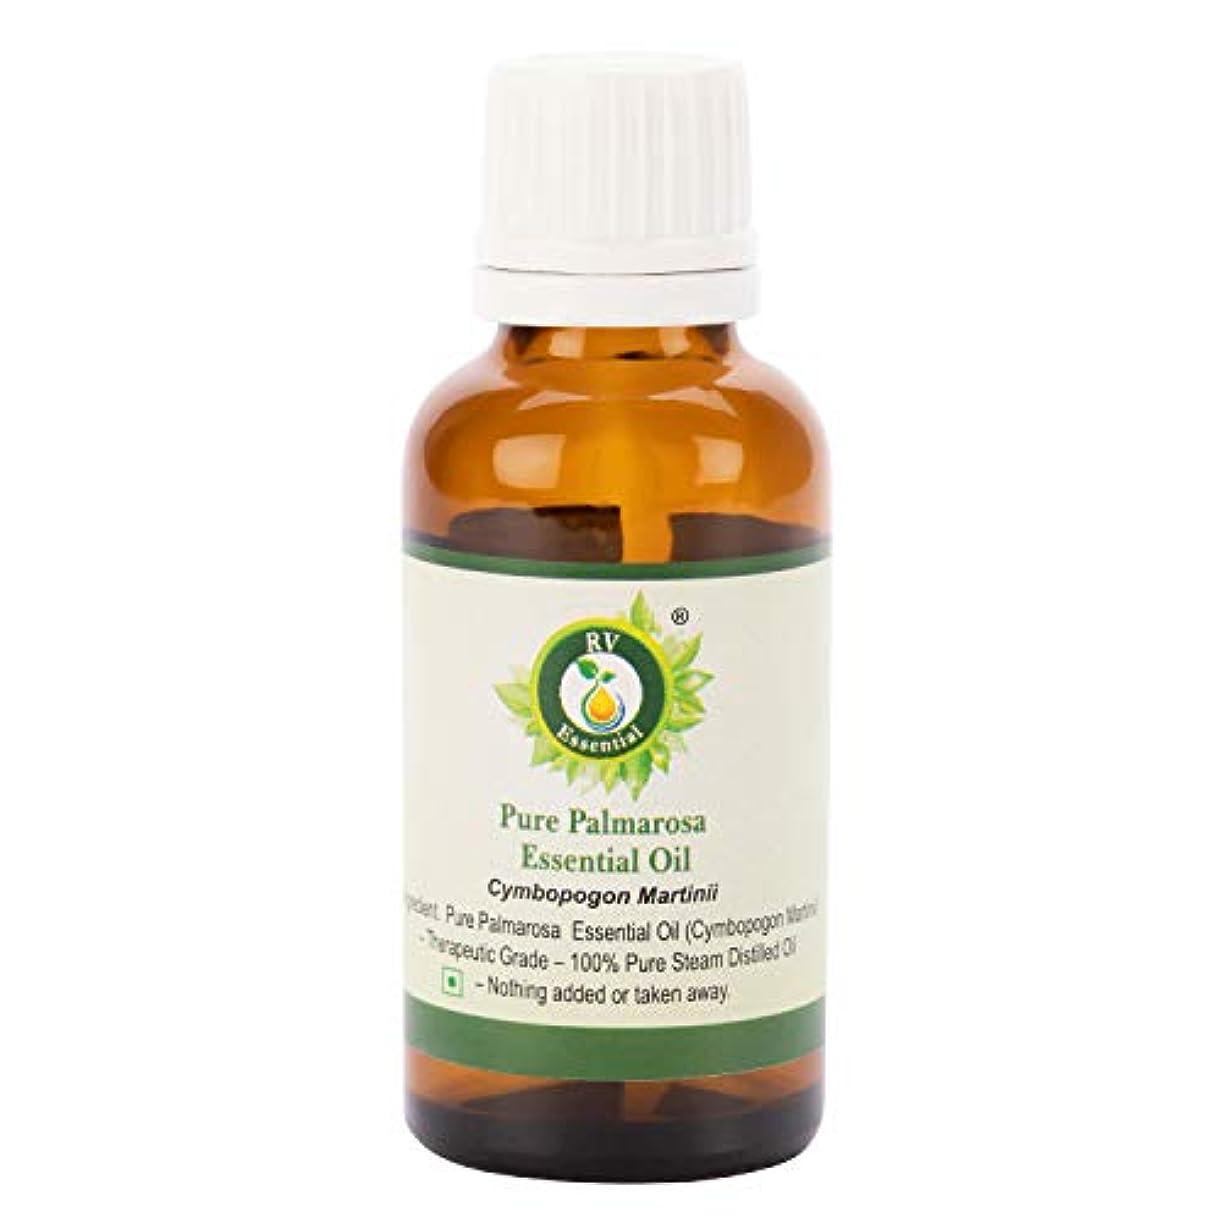 持ってる導入するプロットピュアパルマローザエッセンシャルオイル5ml (0.169oz)- Cymbopogon Martinii (100%純粋&天然スチームDistilled) Pure Palmarosa Essential Oil